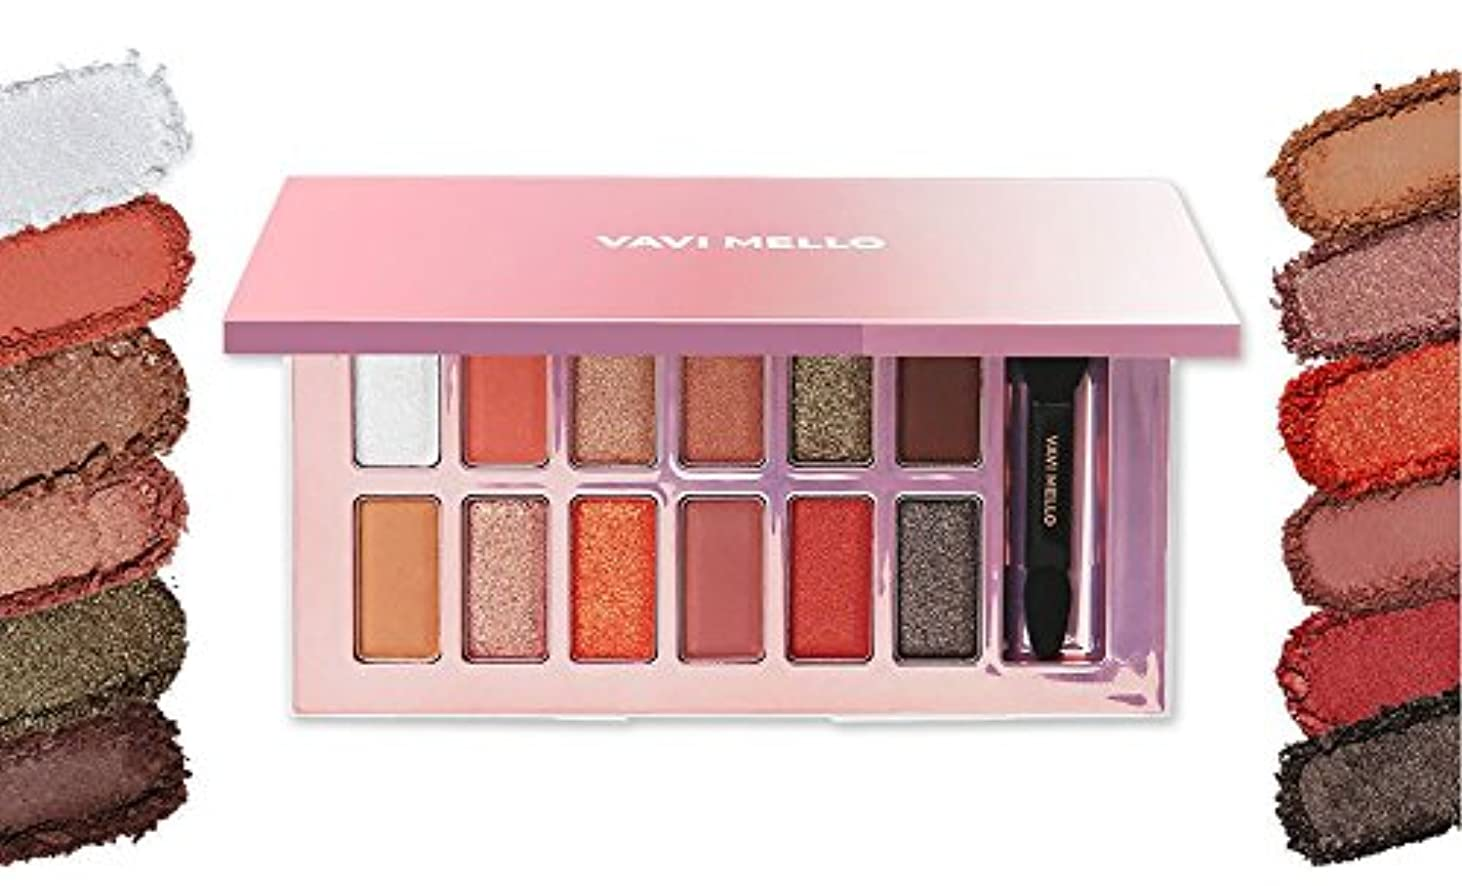 ギャラントリー自分レンダー[New] VAVI MELLO Valentine Box 2 ' Peach Palette ' 11g/バビメロ バレンタイン ボックス 2 ' ピーチ パレット ' 11g [並行輸入品]